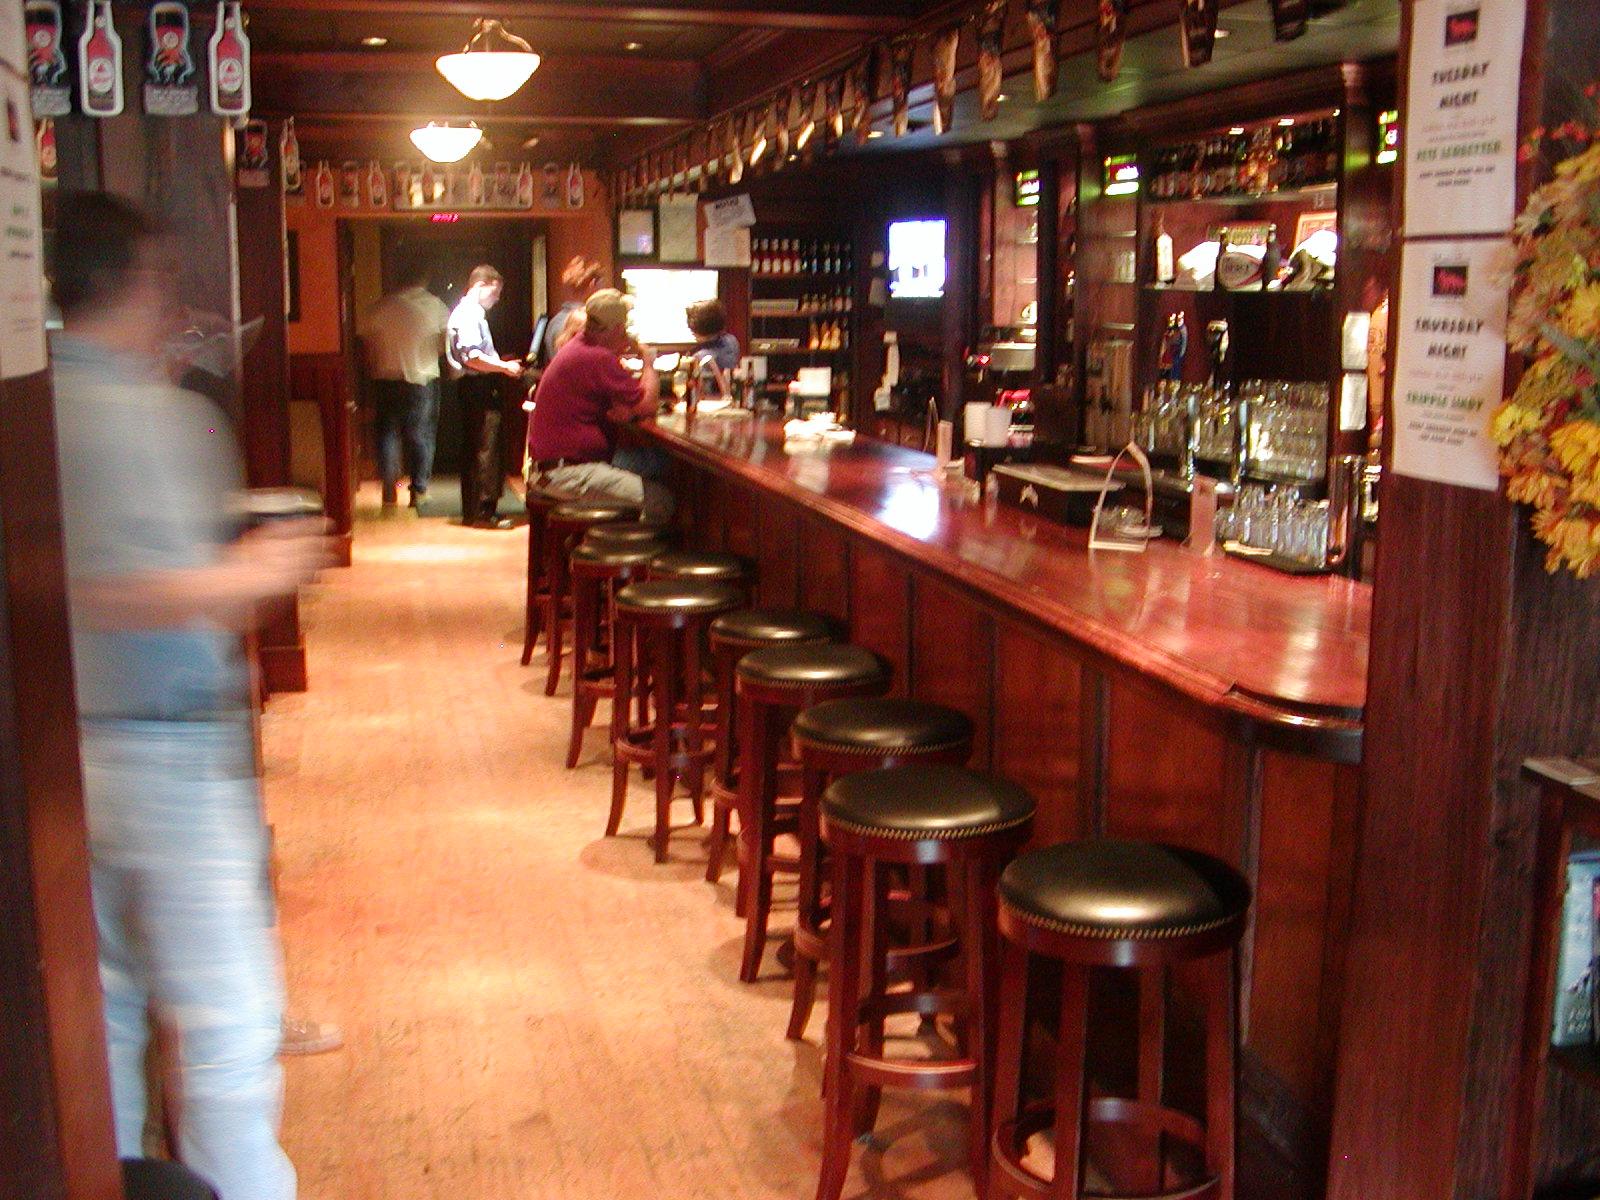 Madra rua irish pub - Pictures of bars ...